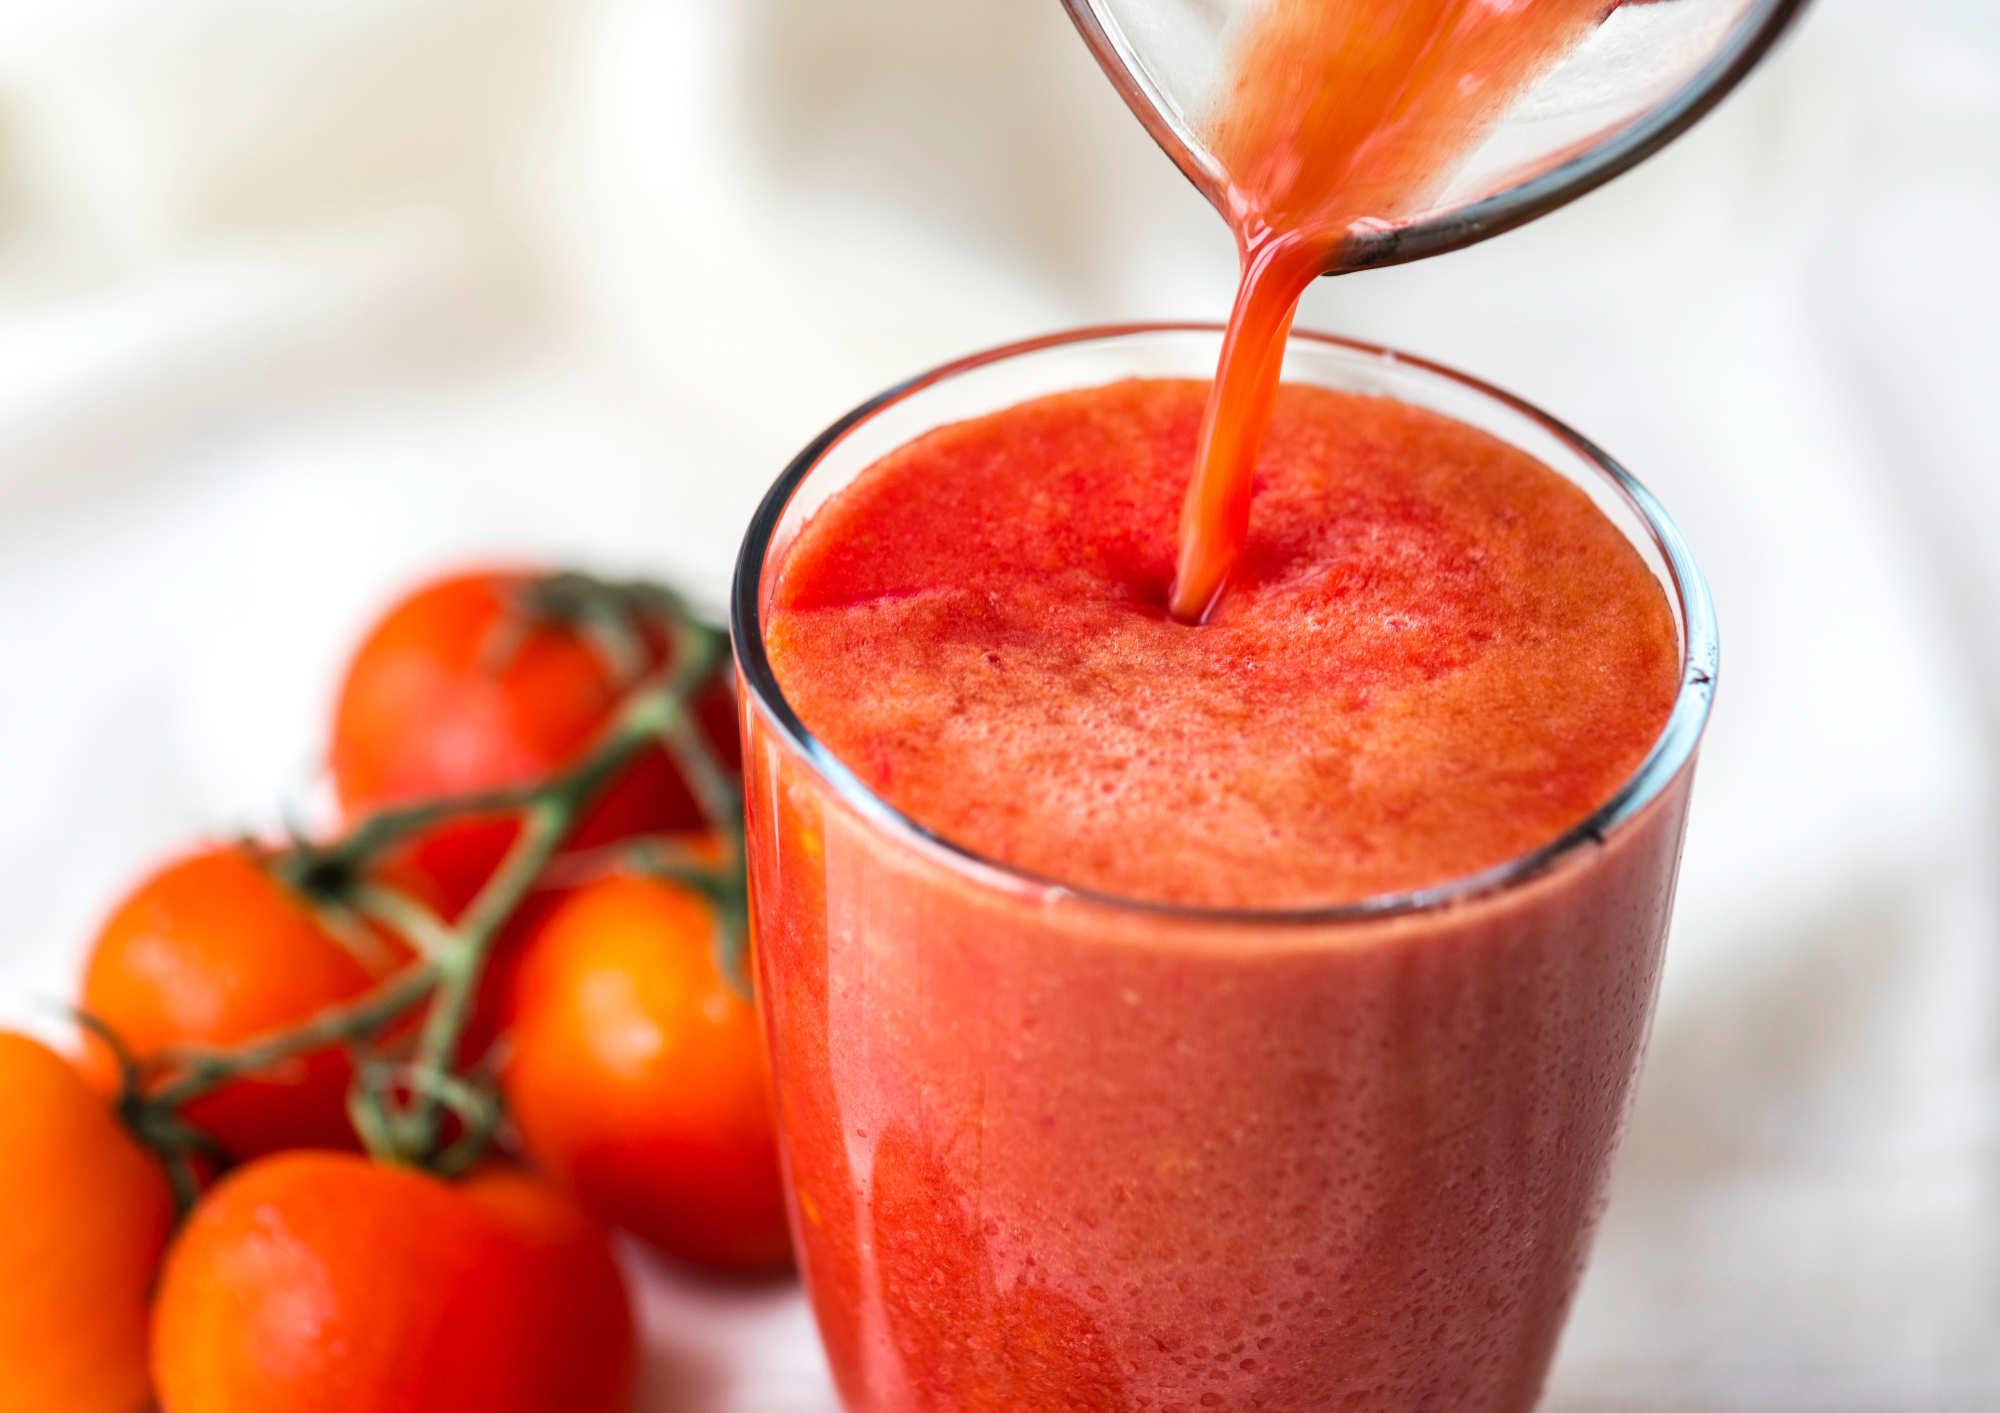 Boire du jus de tomate non salé aide à réduire le risque de maladie cardiovasculaire